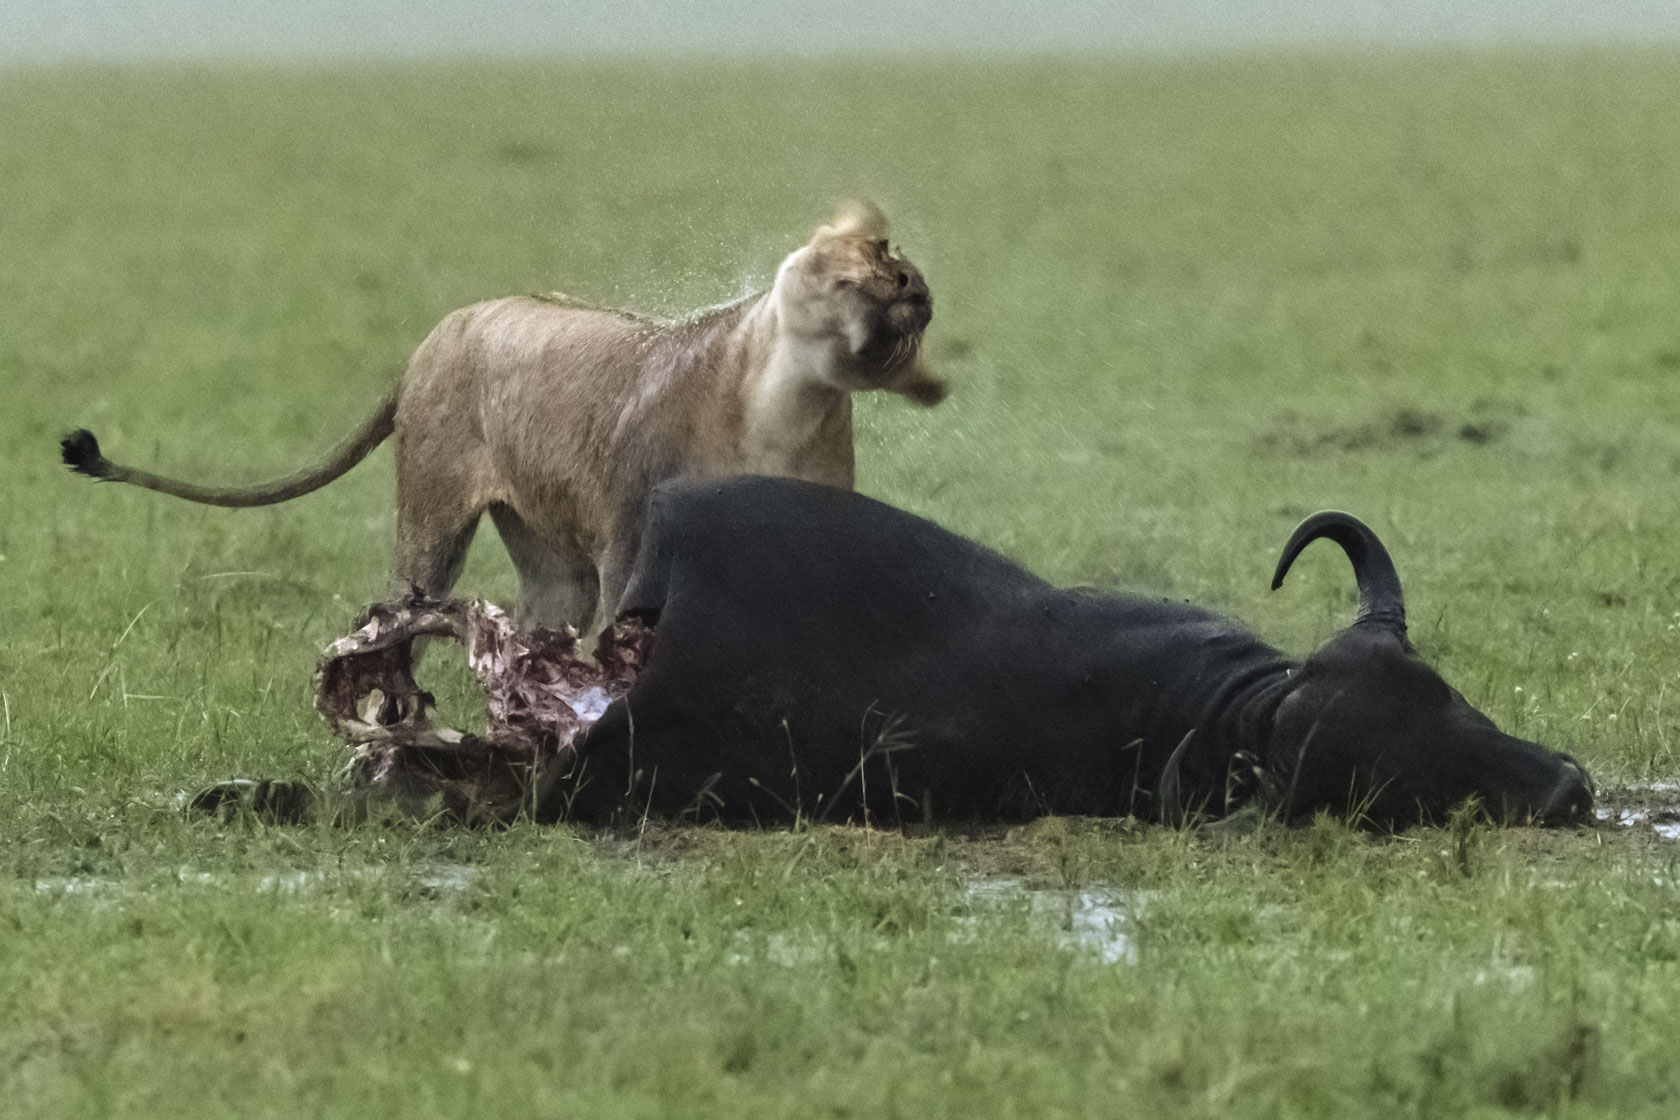 Der Hunger war stärker als die Angst, von den männlichen Löwen schwer verletzt oder gar getötet zu werden, denn während des Regens hat sich die Löwin ausgiebig über den Büffelriss hergemacht